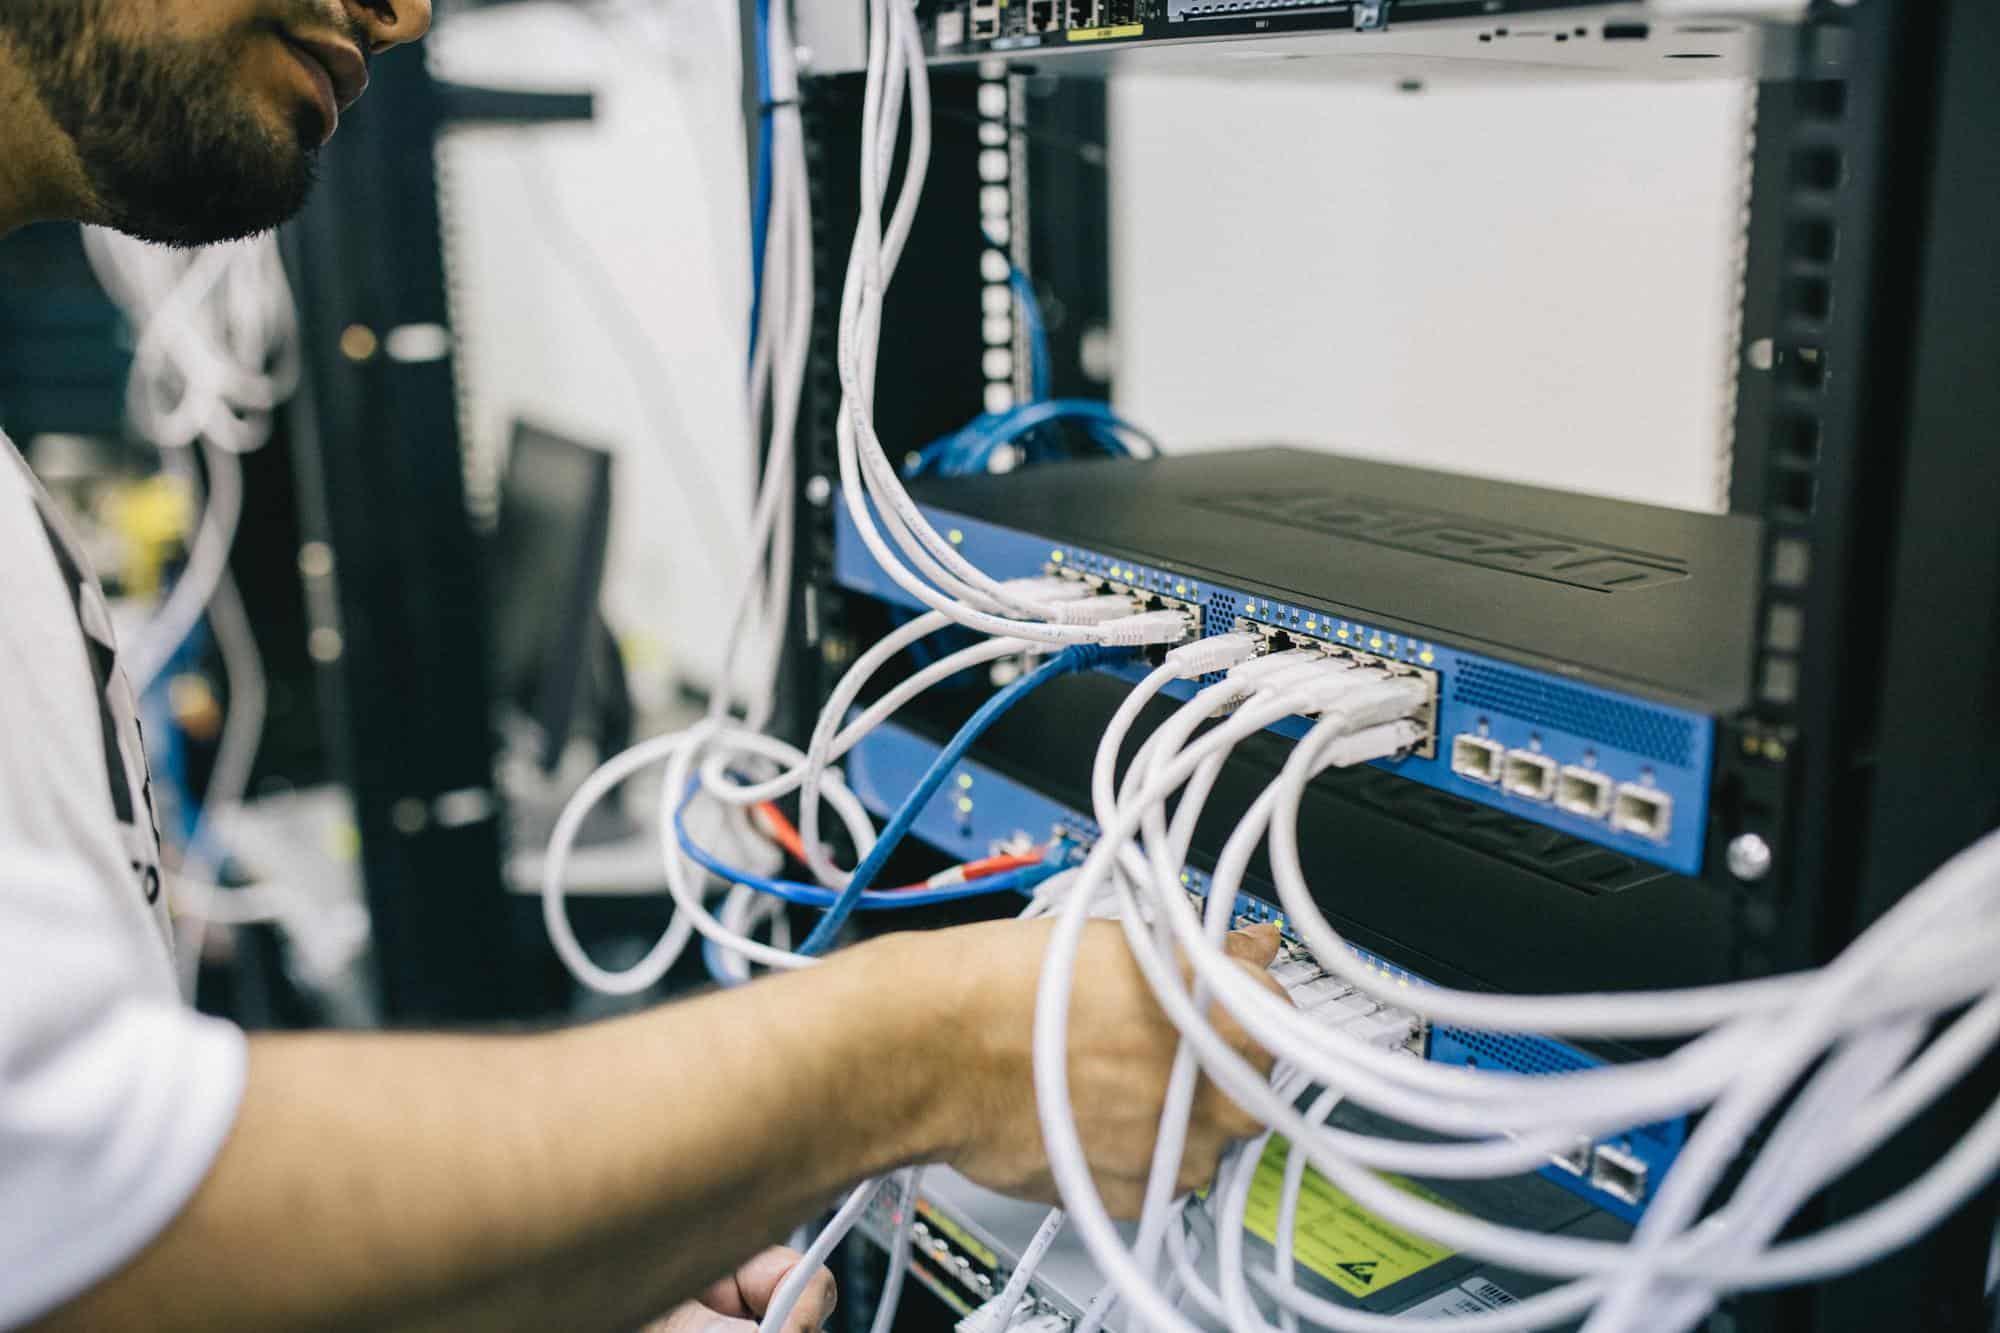 ماذا نسمي أماكن تخزين البيانات في الذاكرة الرئيسية